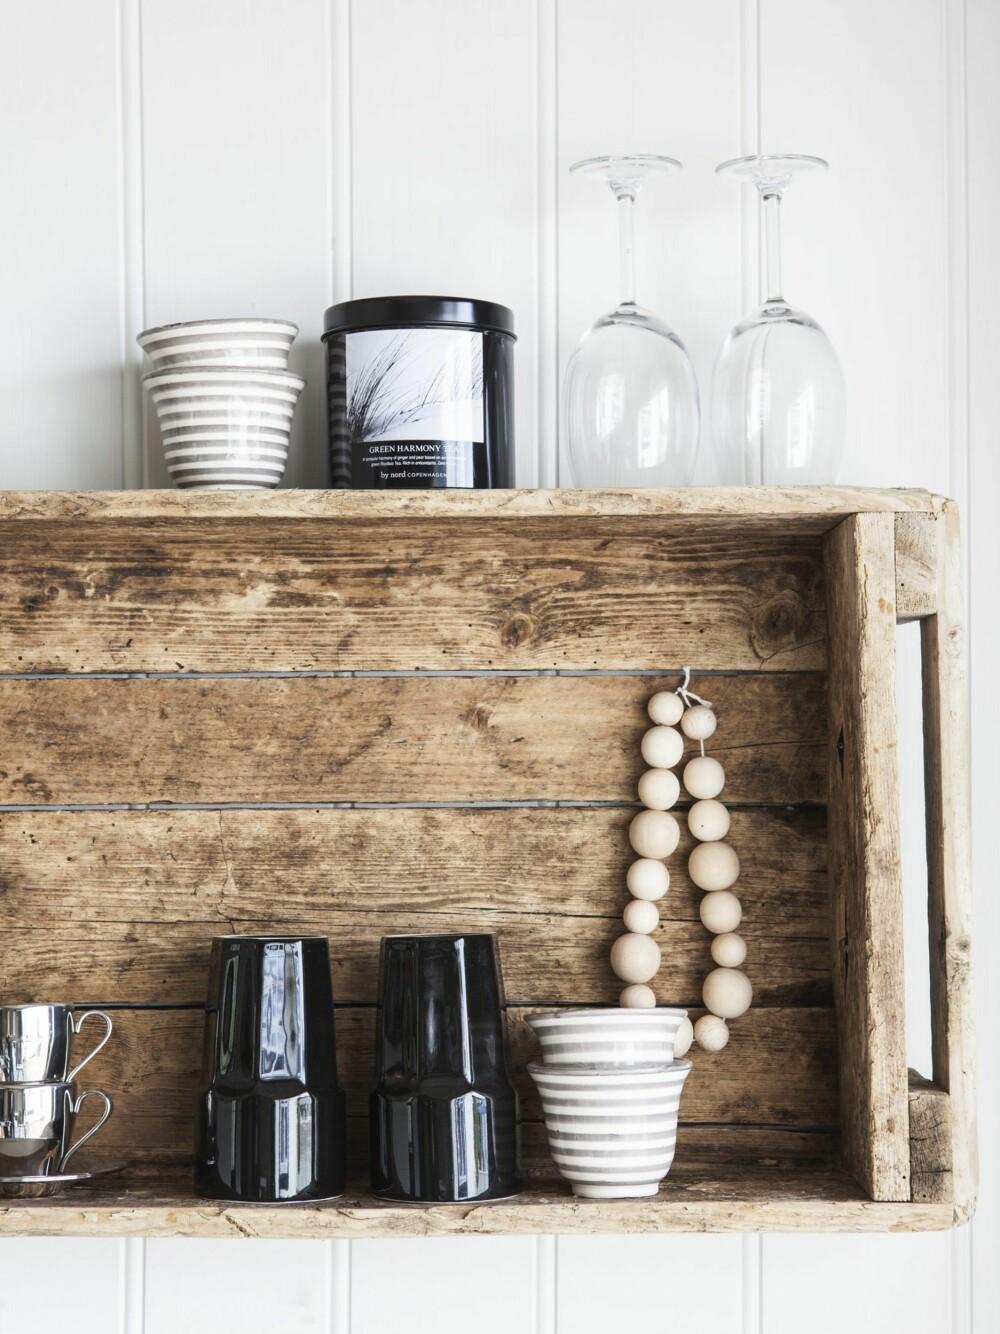 NOSTALGISK OG FUNKSJONELT: Den gamle kassen brukte Elins pappa i fiskeboden. I dag er den praktisk hylle, som huser moderne keramikk fra Tine K Home og deilig te.